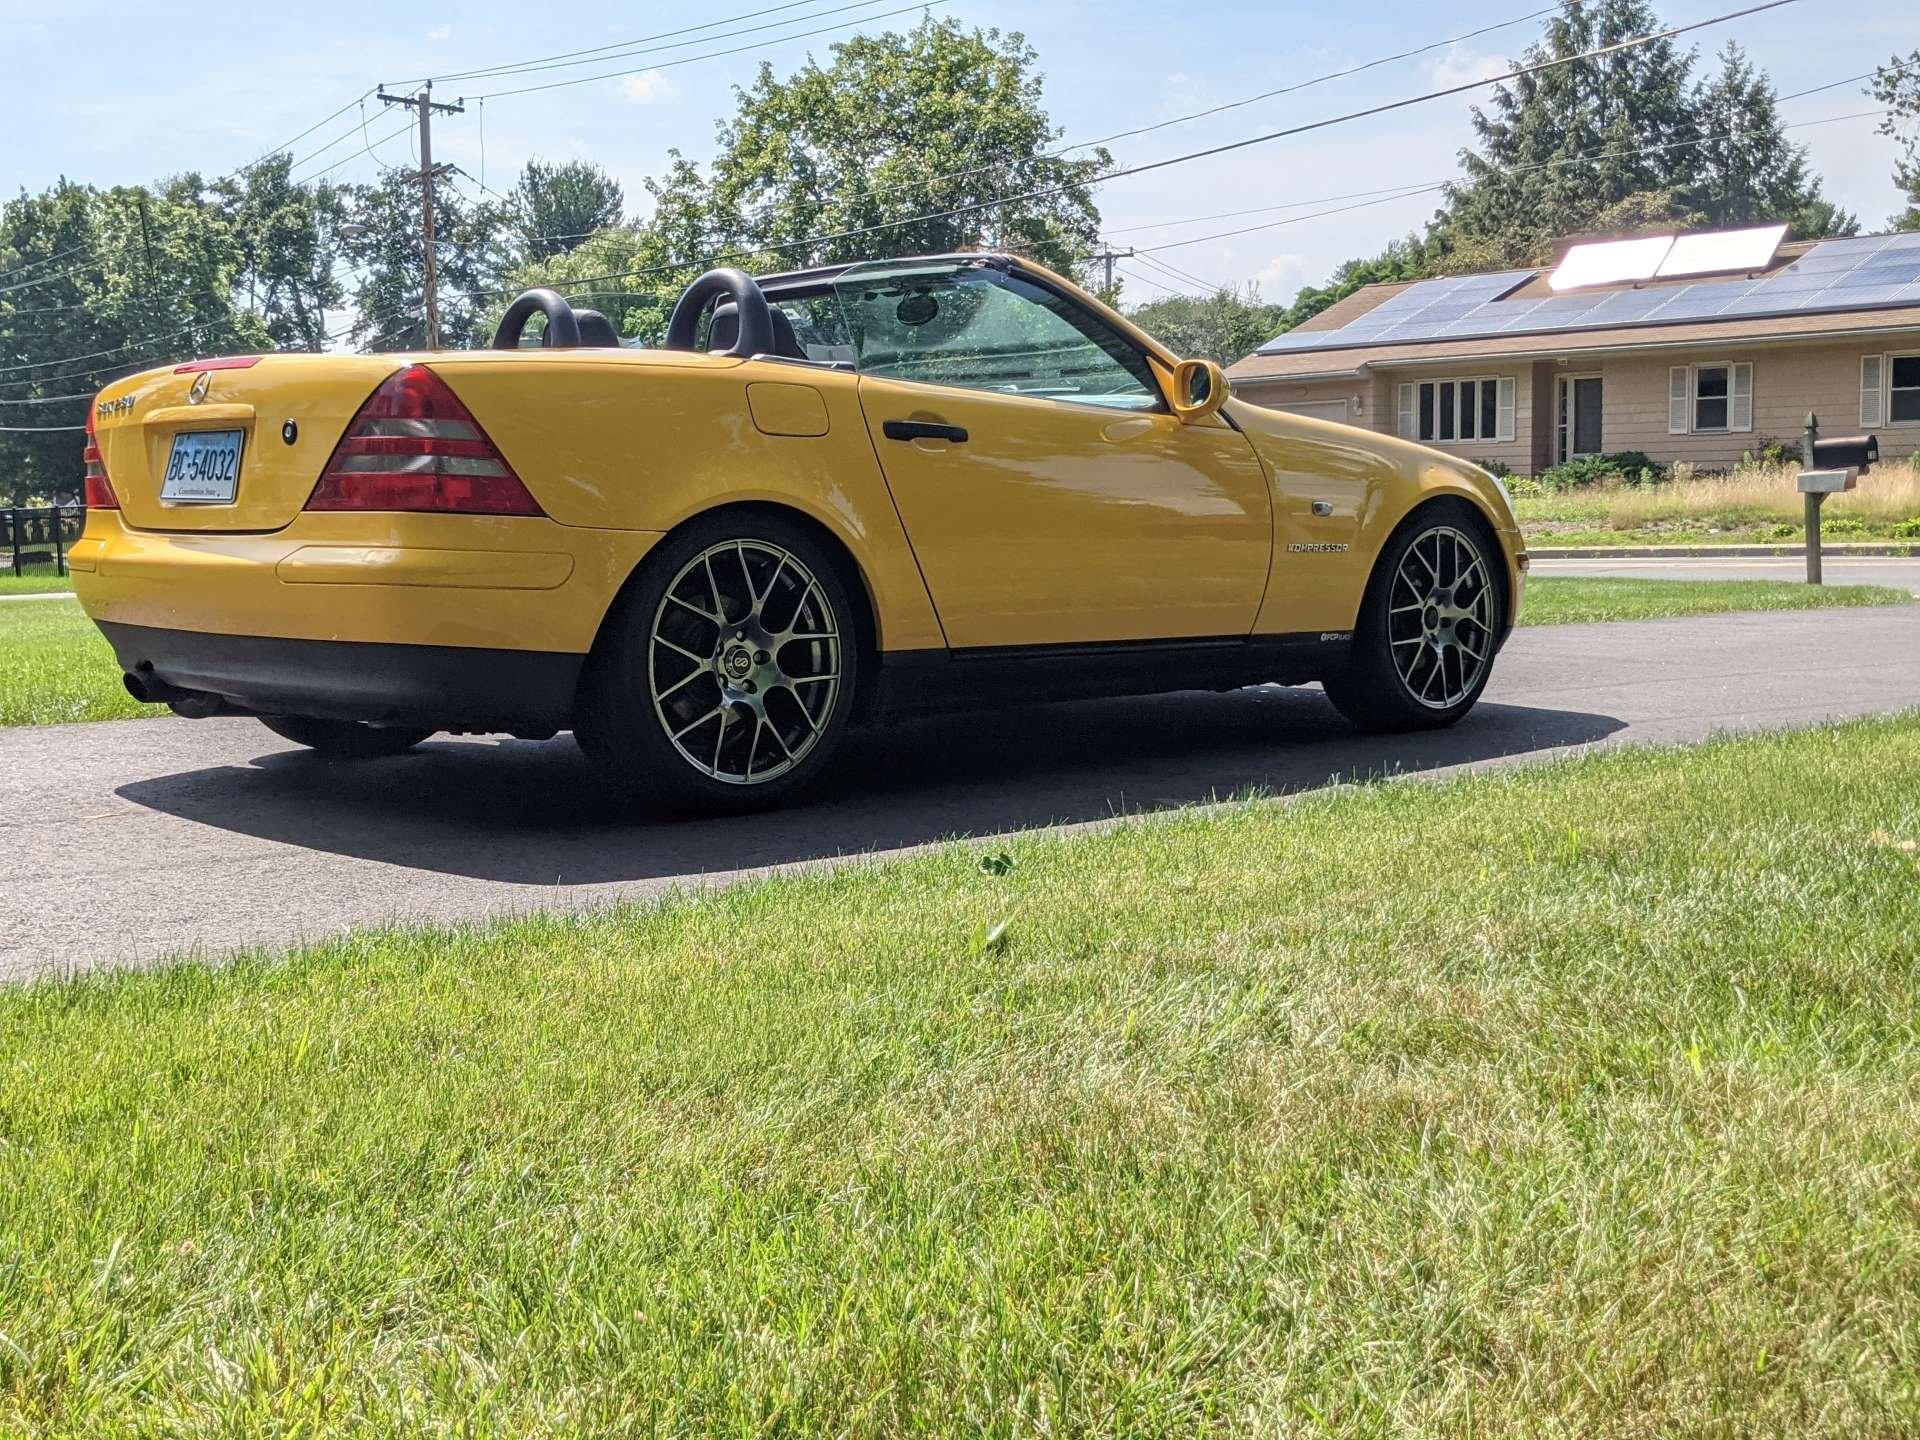 Pandemic No Appreciation Mercedes-Benz R170 SLK rear